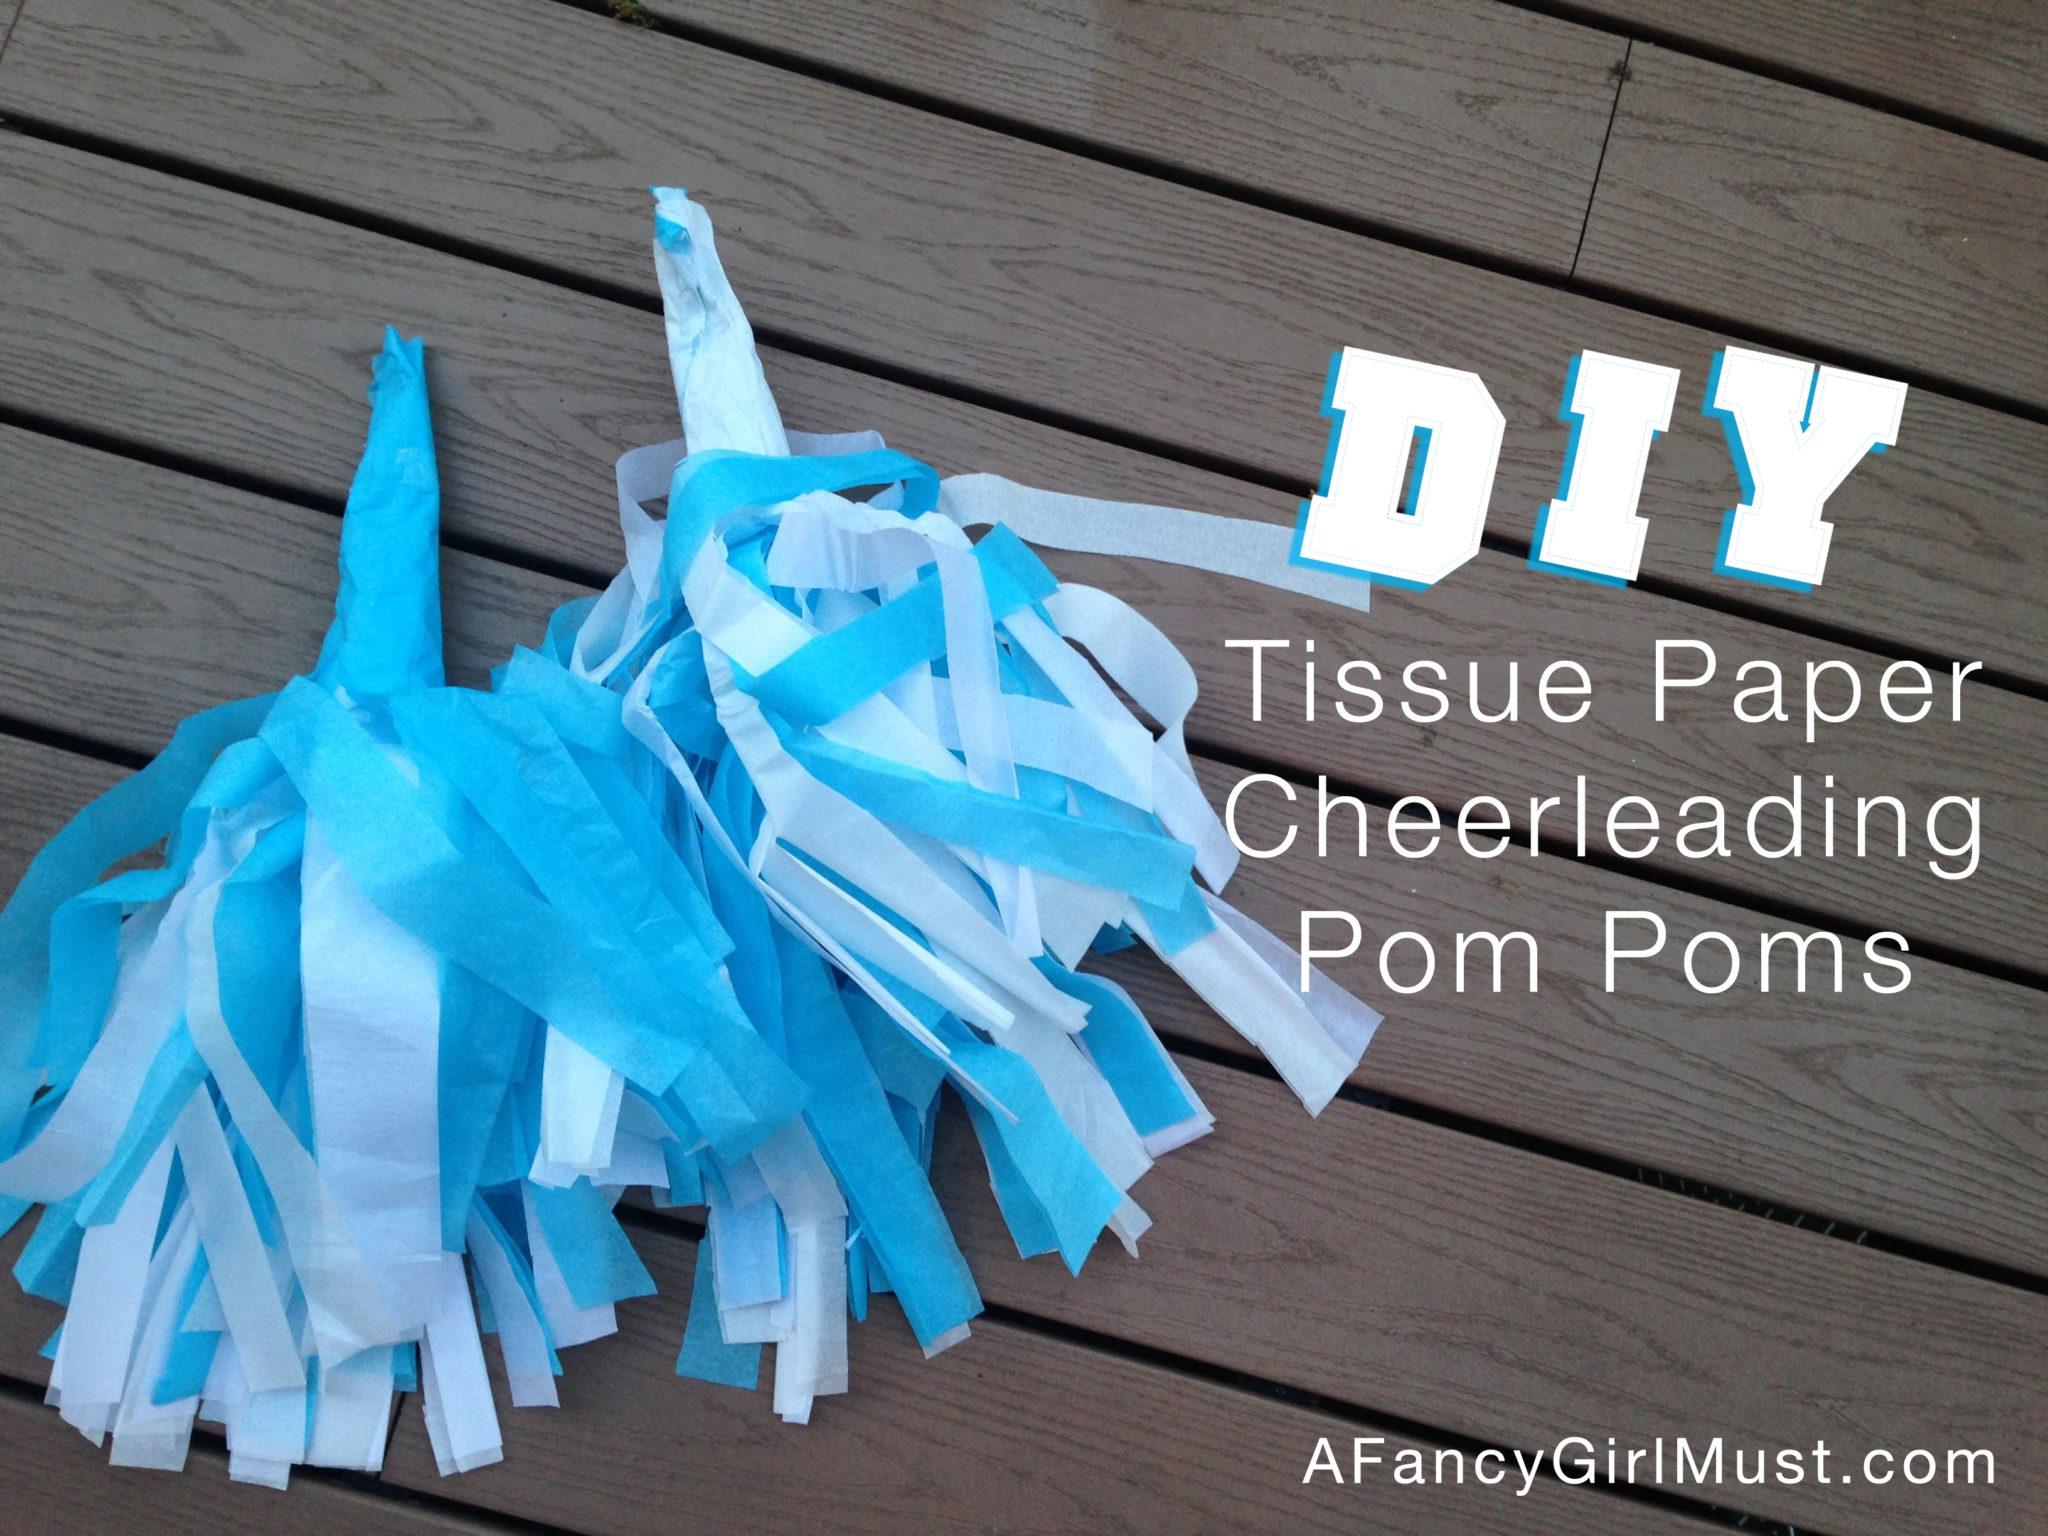 DIY Tissue Paper Cheerleading Pom Poms | AFancyGirlMust.com